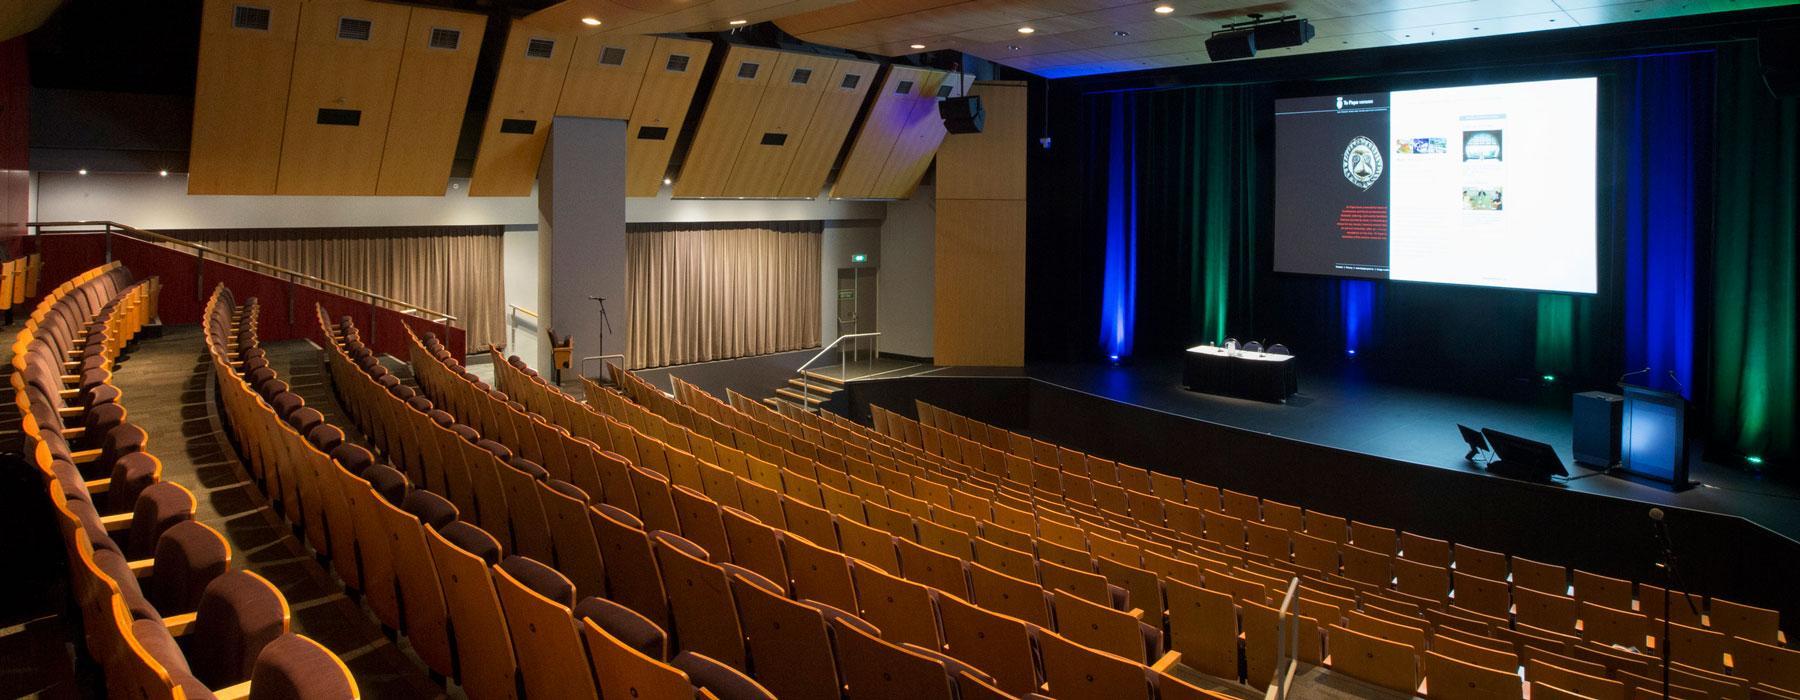 Soundings Theatre